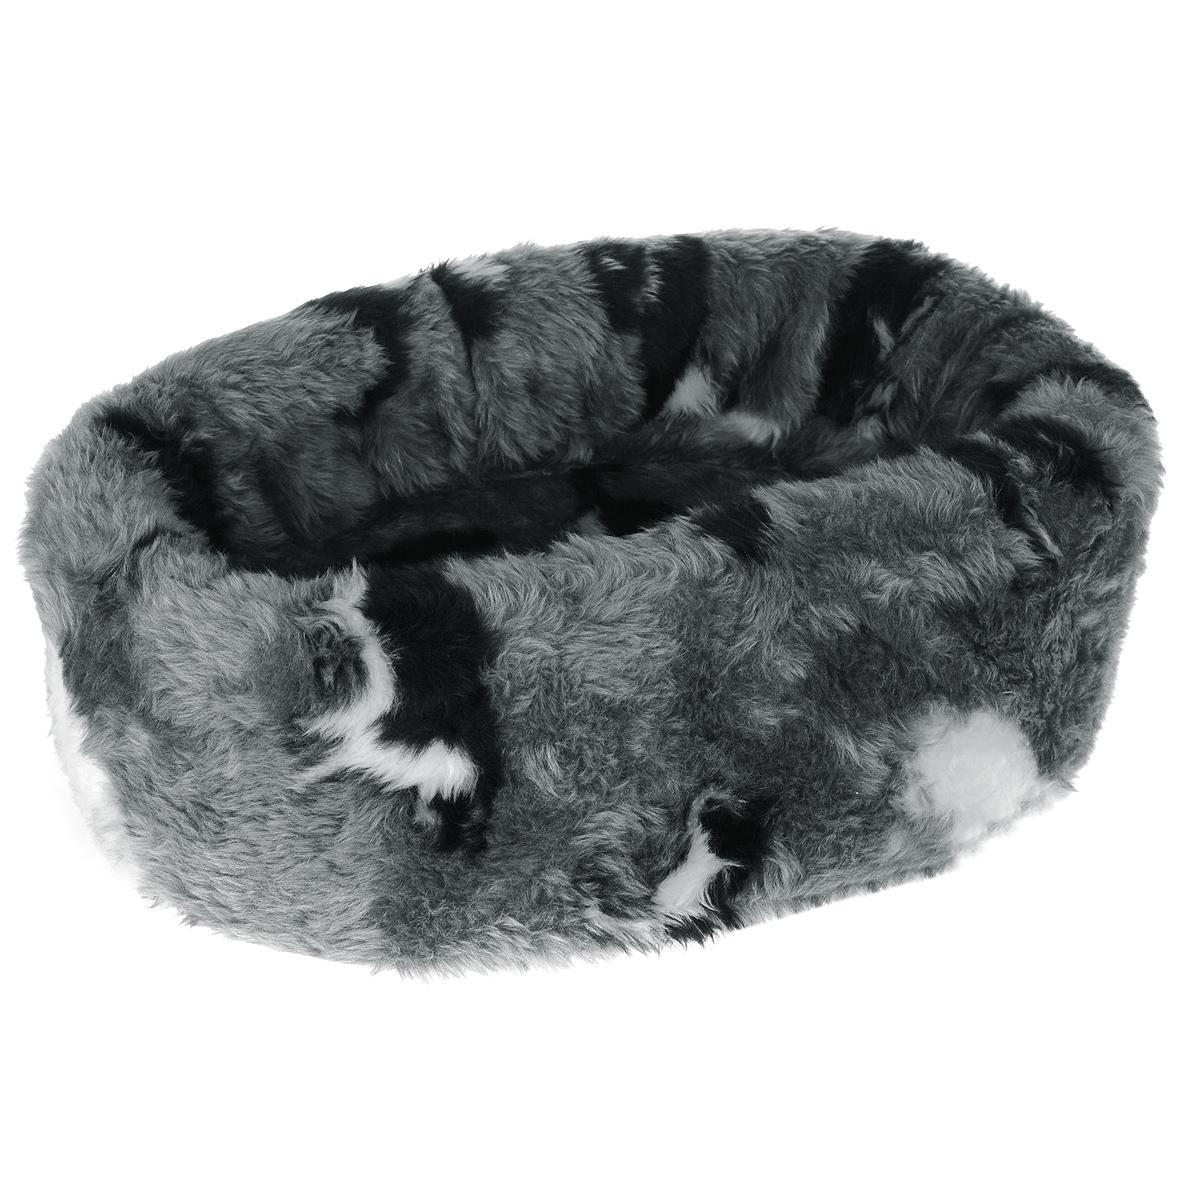 Лежанка для кошек I.P.T.S. Pussy, круглая, 40 см705601Такая лежанка станет излюбленным местом отдыха для вашего питомца, ведь уютное спальное место из меха по достоинству оценит даже самый привередливый кот. Лежанка имеет округлую форму и выполнена в приятных бело-серых оттенках с изображением кошек. Изделие будет одинаково хорошо смотреться как в гостиной, так и в другой комнате. Диаметр лежанки: 40 см.Товар сертифицирован.